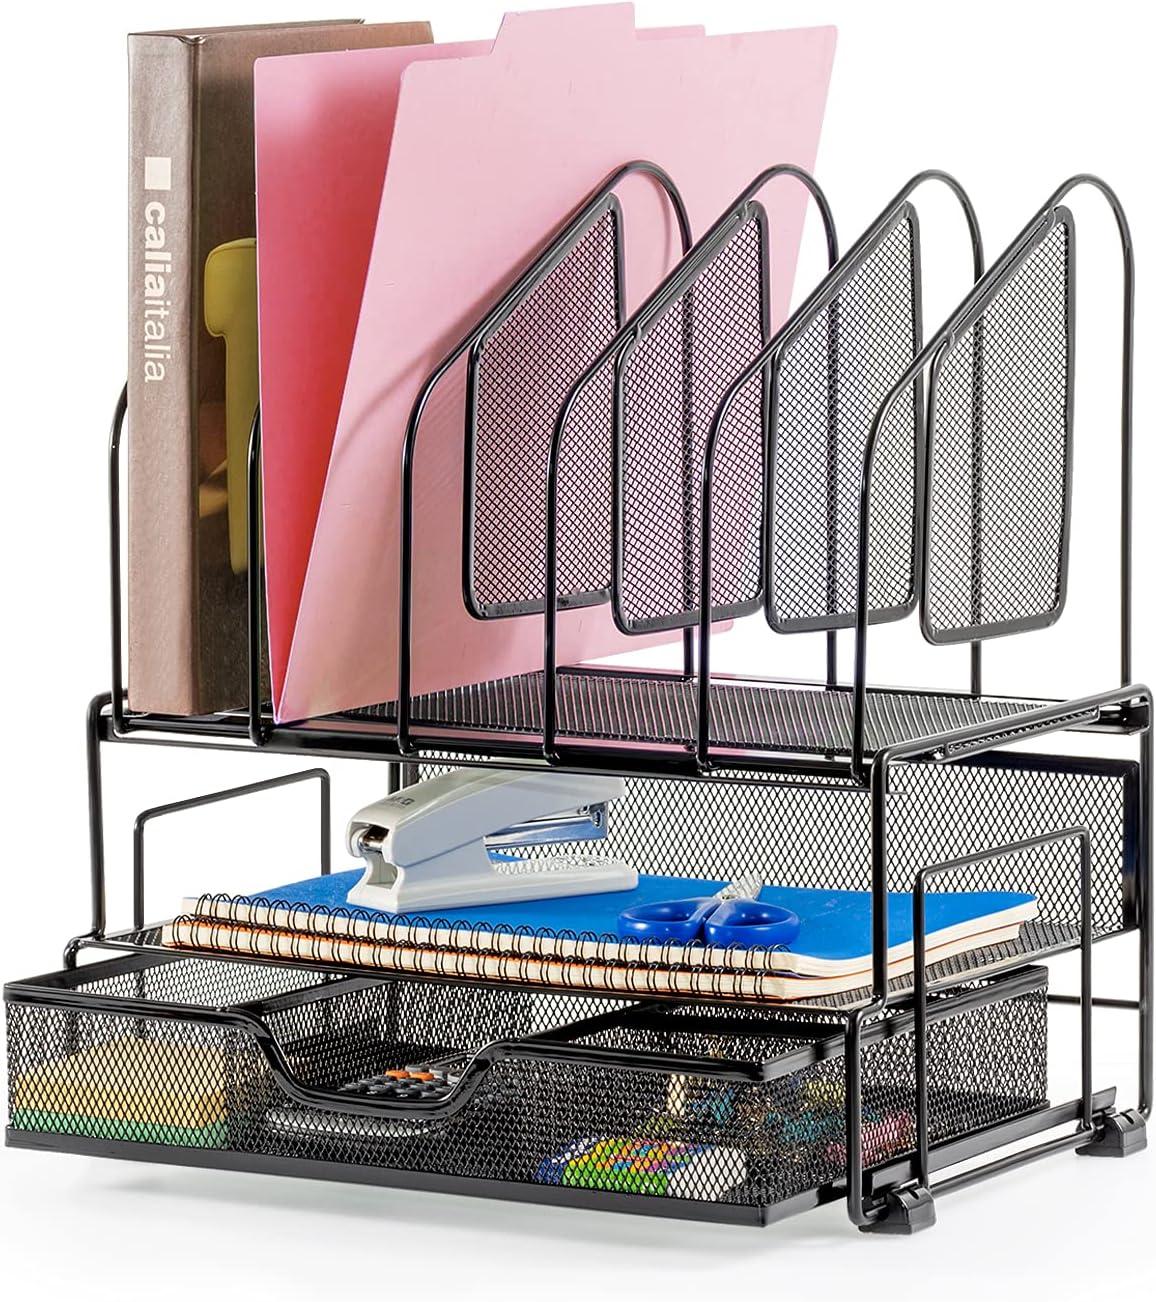 Beiz Office Accessories Desk Organizer Drawer Sale Pa with Storage 2 Cheap sale